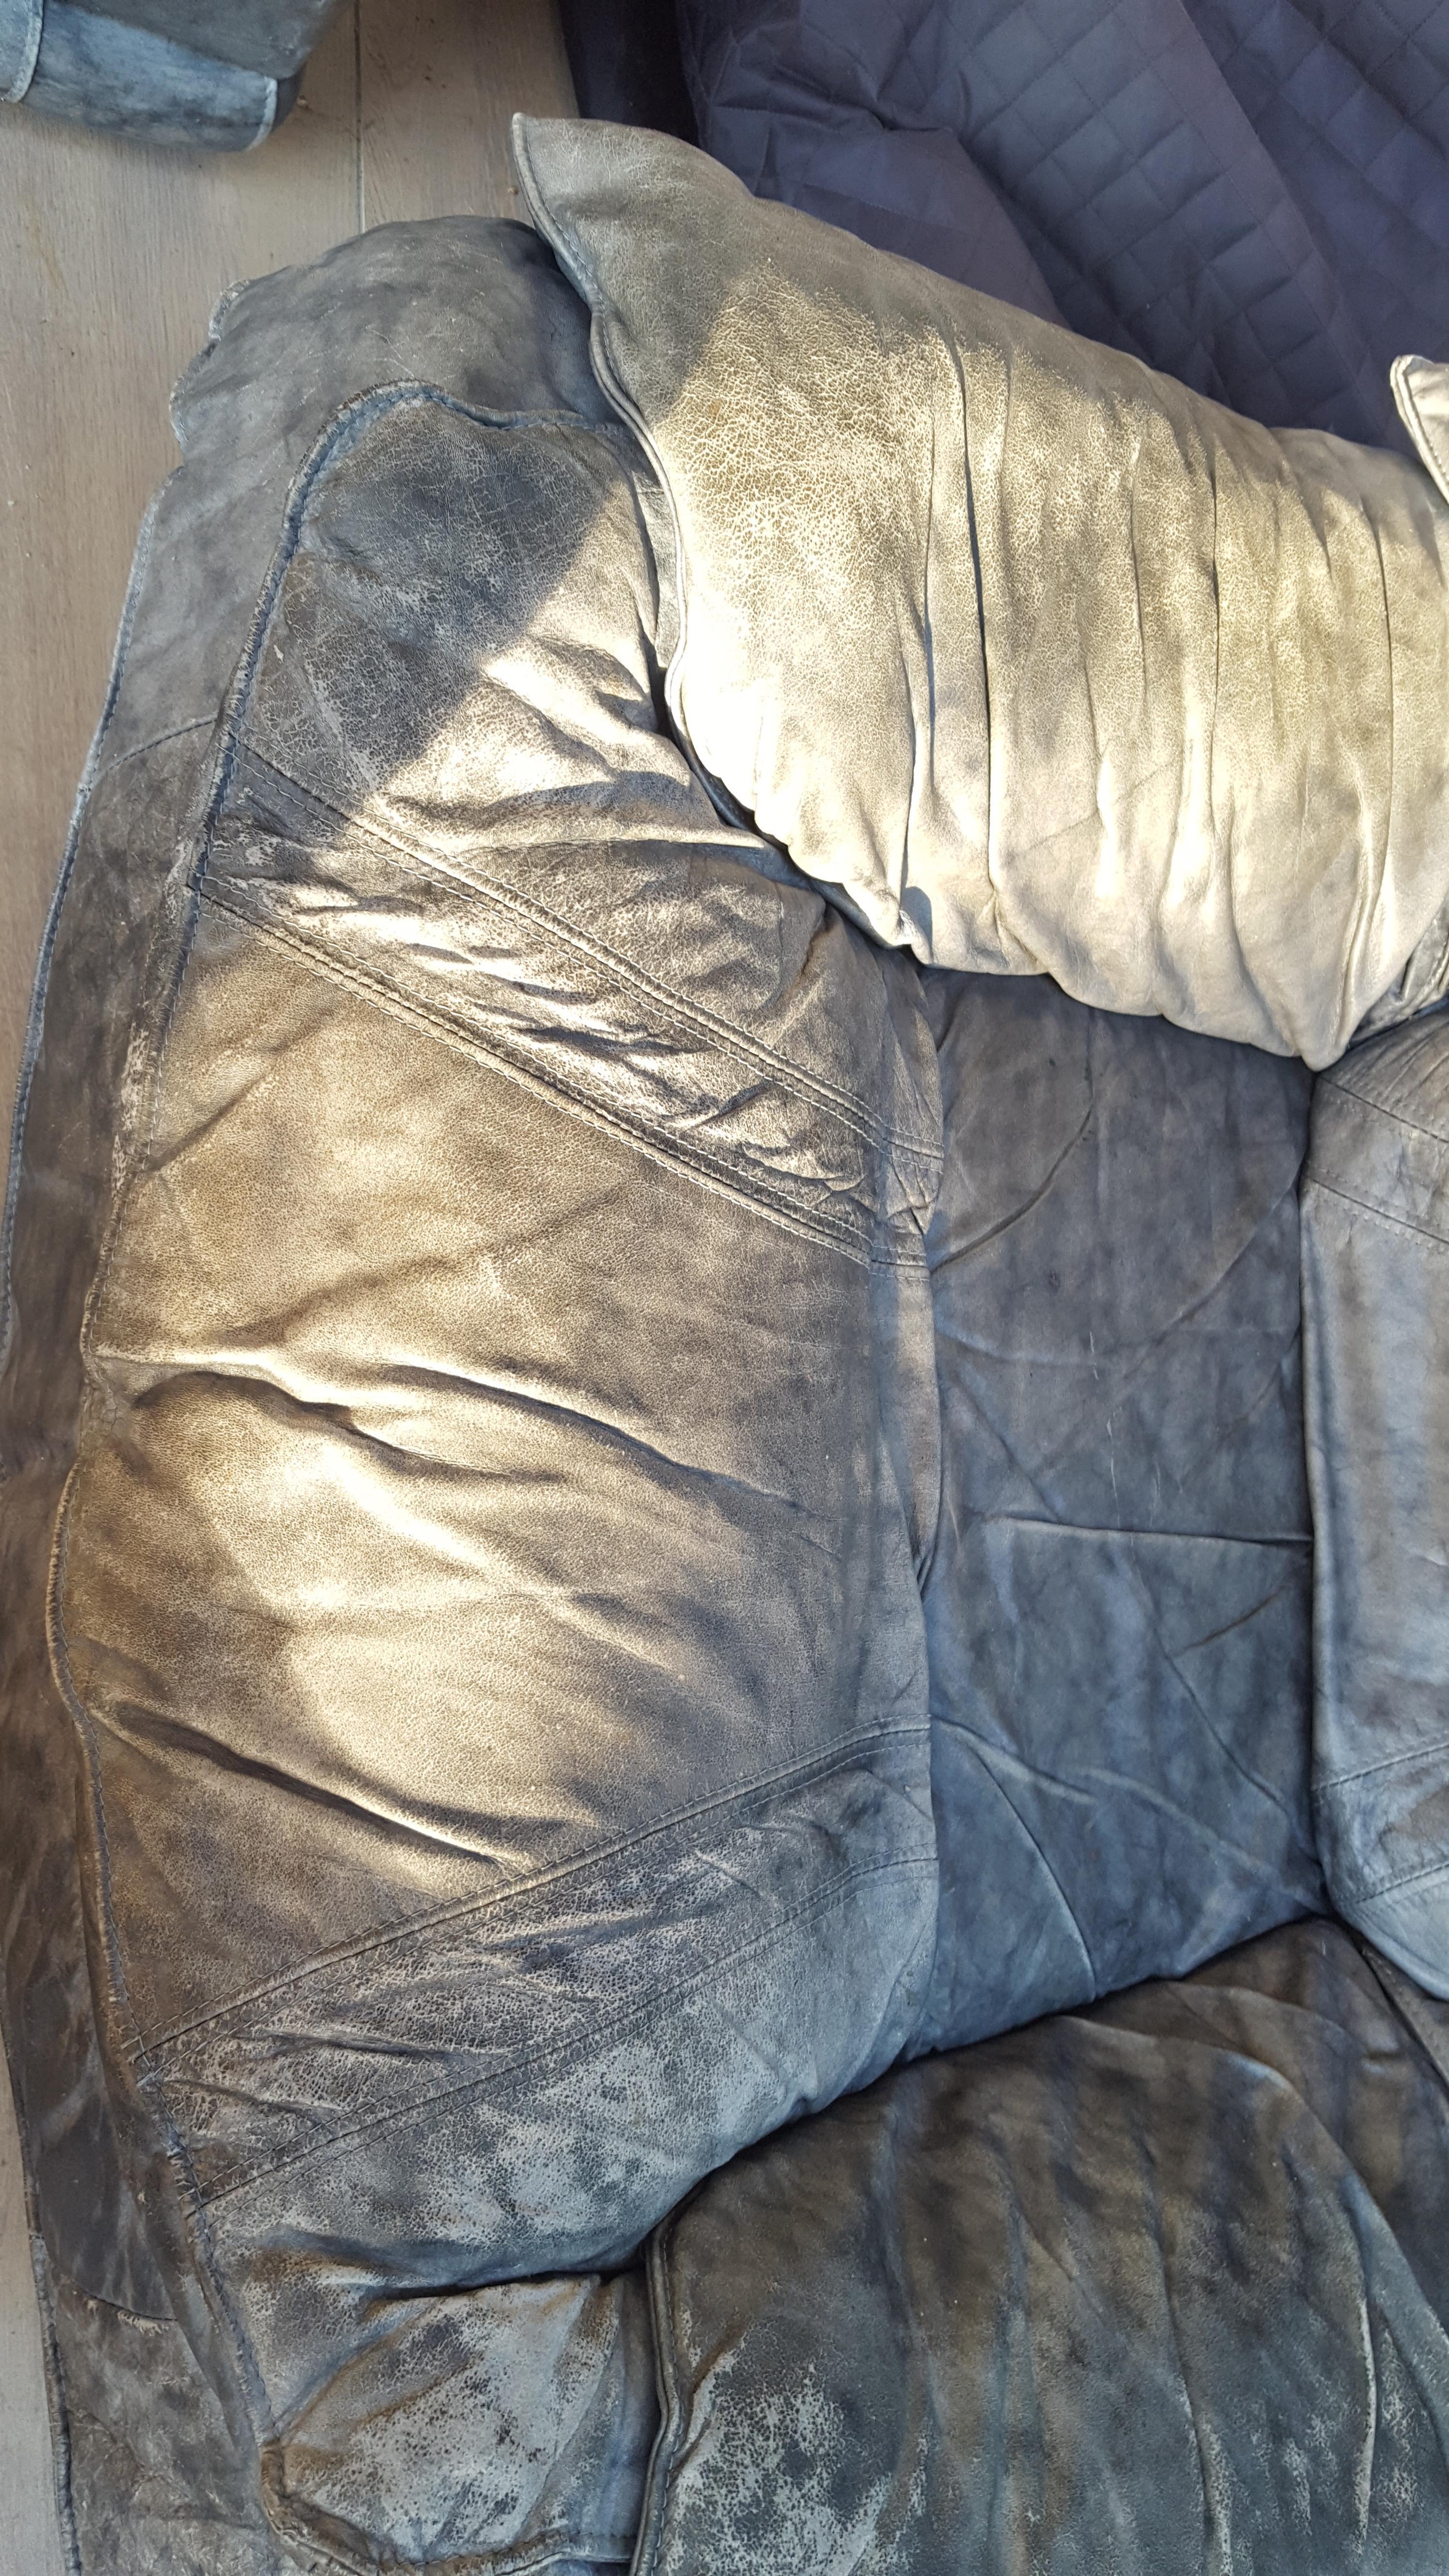 troc de troc fauteuil gris en cuir : à rénover image 2